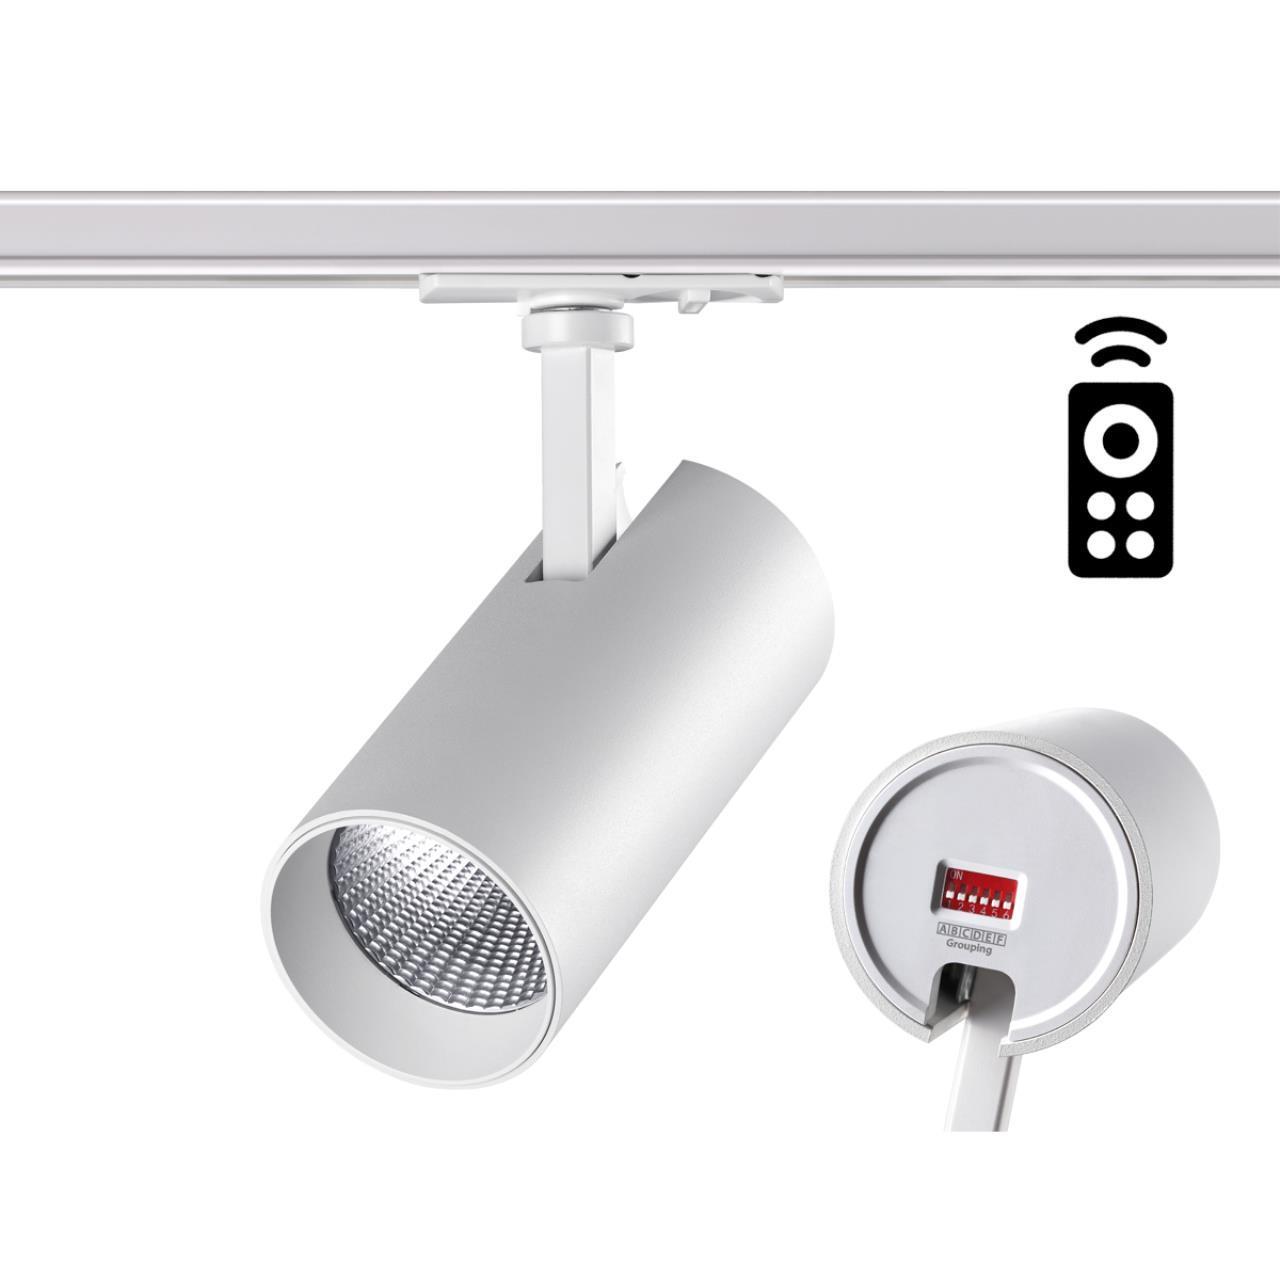 Однофазный трековый диммируемый светильник с пультом управления со сменой цветовой температуры NOVOTECH NAIL 358356